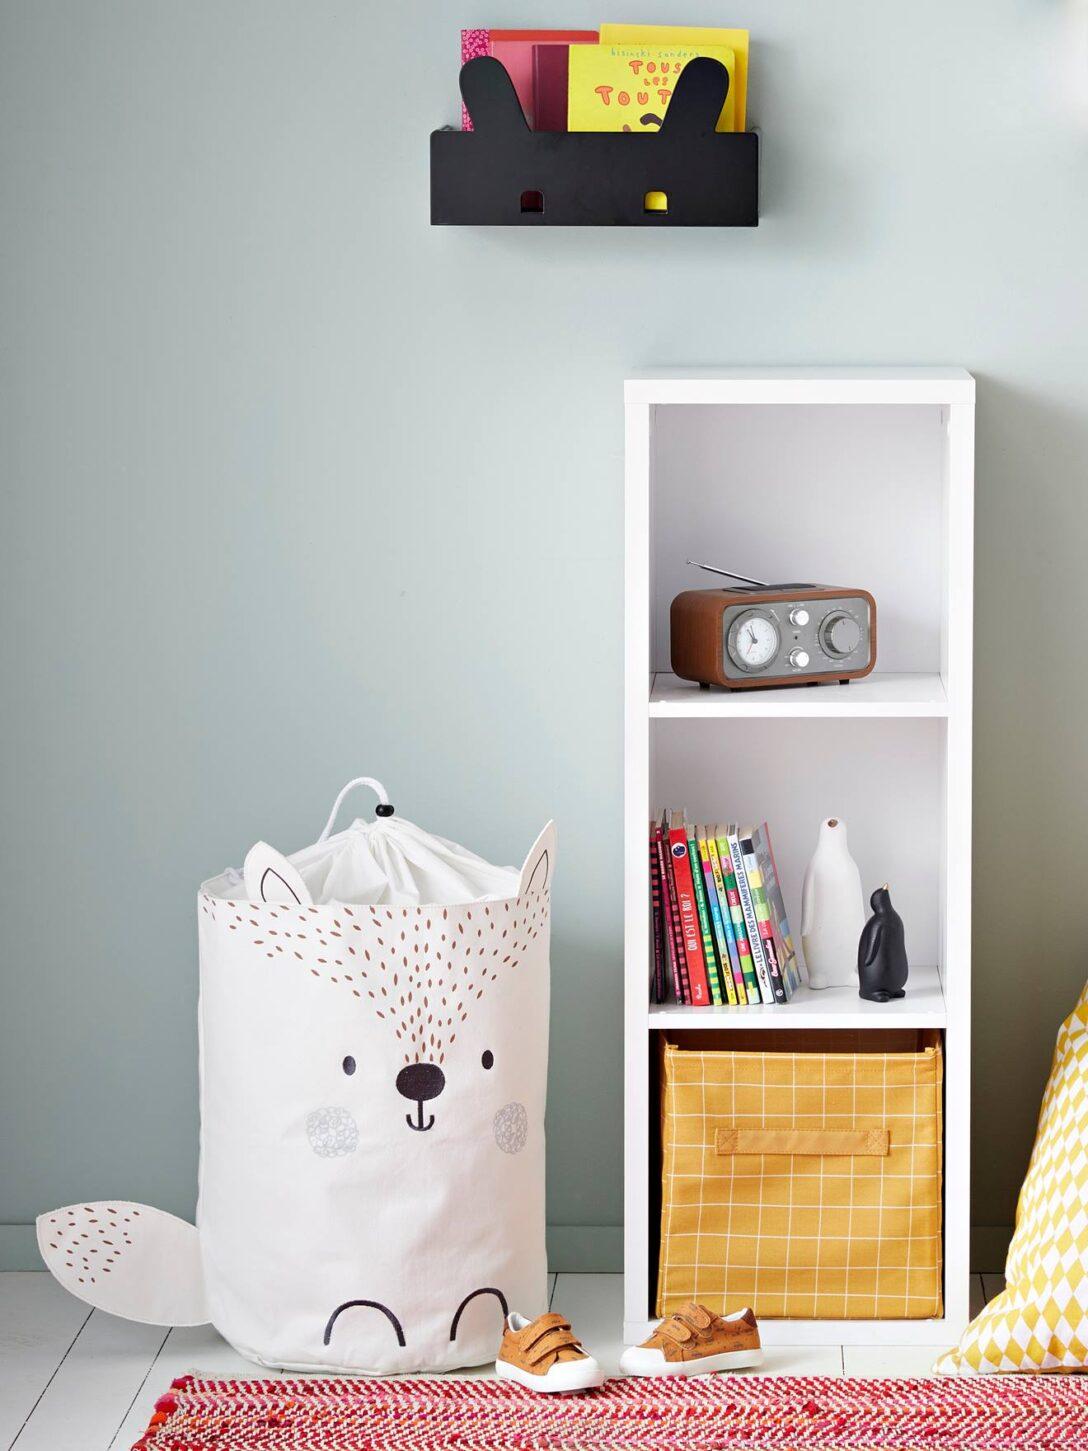 Large Size of Wäschekorb Kinderzimmer Vertbaudet Wschekorb Regal Regale Weiß Sofa Kinderzimmer Wäschekorb Kinderzimmer